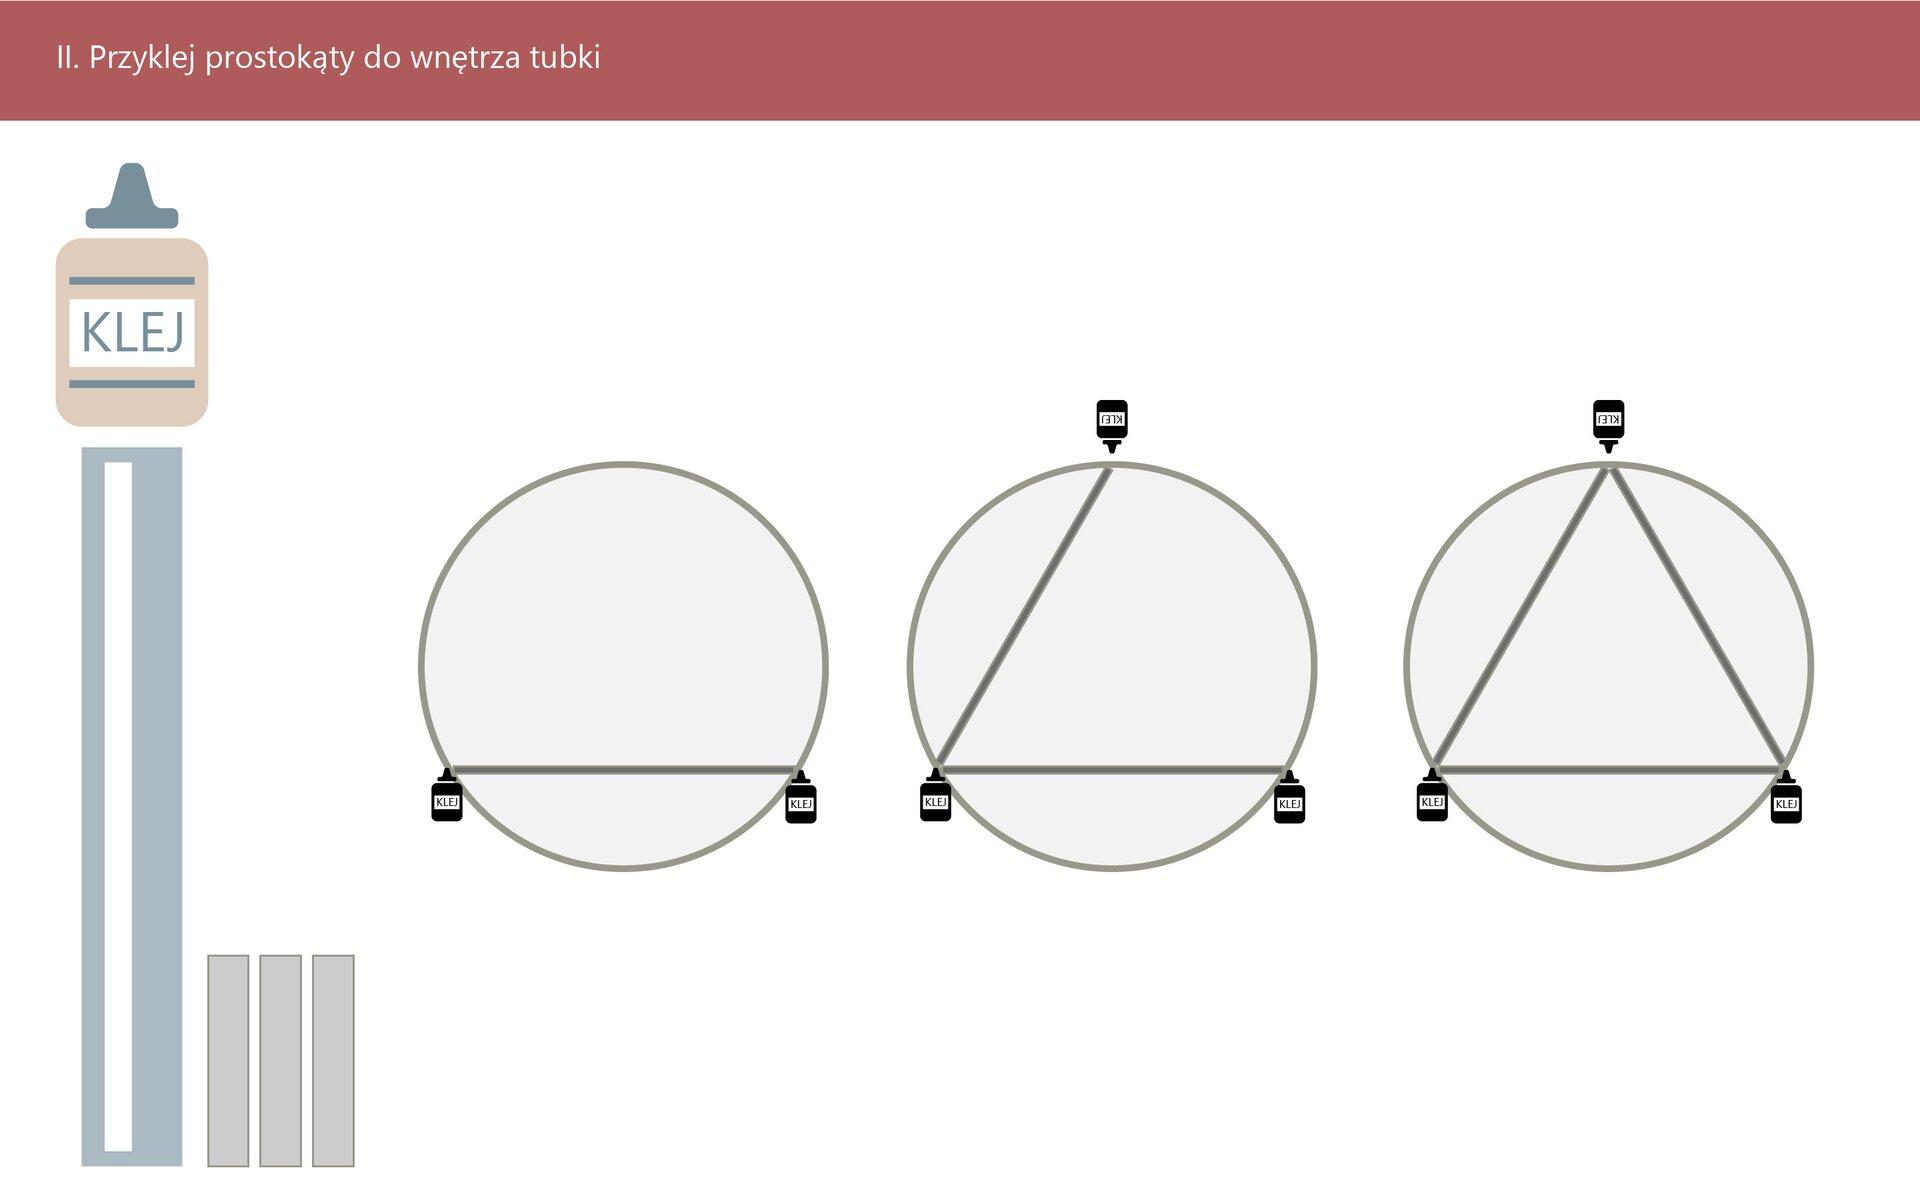 """Ilustracja przedstawia instrukcję wykonania własnego kalejdoskopu. Na górze grafiki znajduje się ramka znapisem """"II. Przyklej prostokąty do wnętrza tubki"""". Poniżej umieszczone są ikonki ukazujące: klej, tubę, 3 prostokąty oraz 3 kółka przedstawiające przekrój tuby oraz miejsca przyklejenia prostokątnych fragmentów płyty CD wjej wnętrzu. Płytki mają tworzyć trójkąt."""